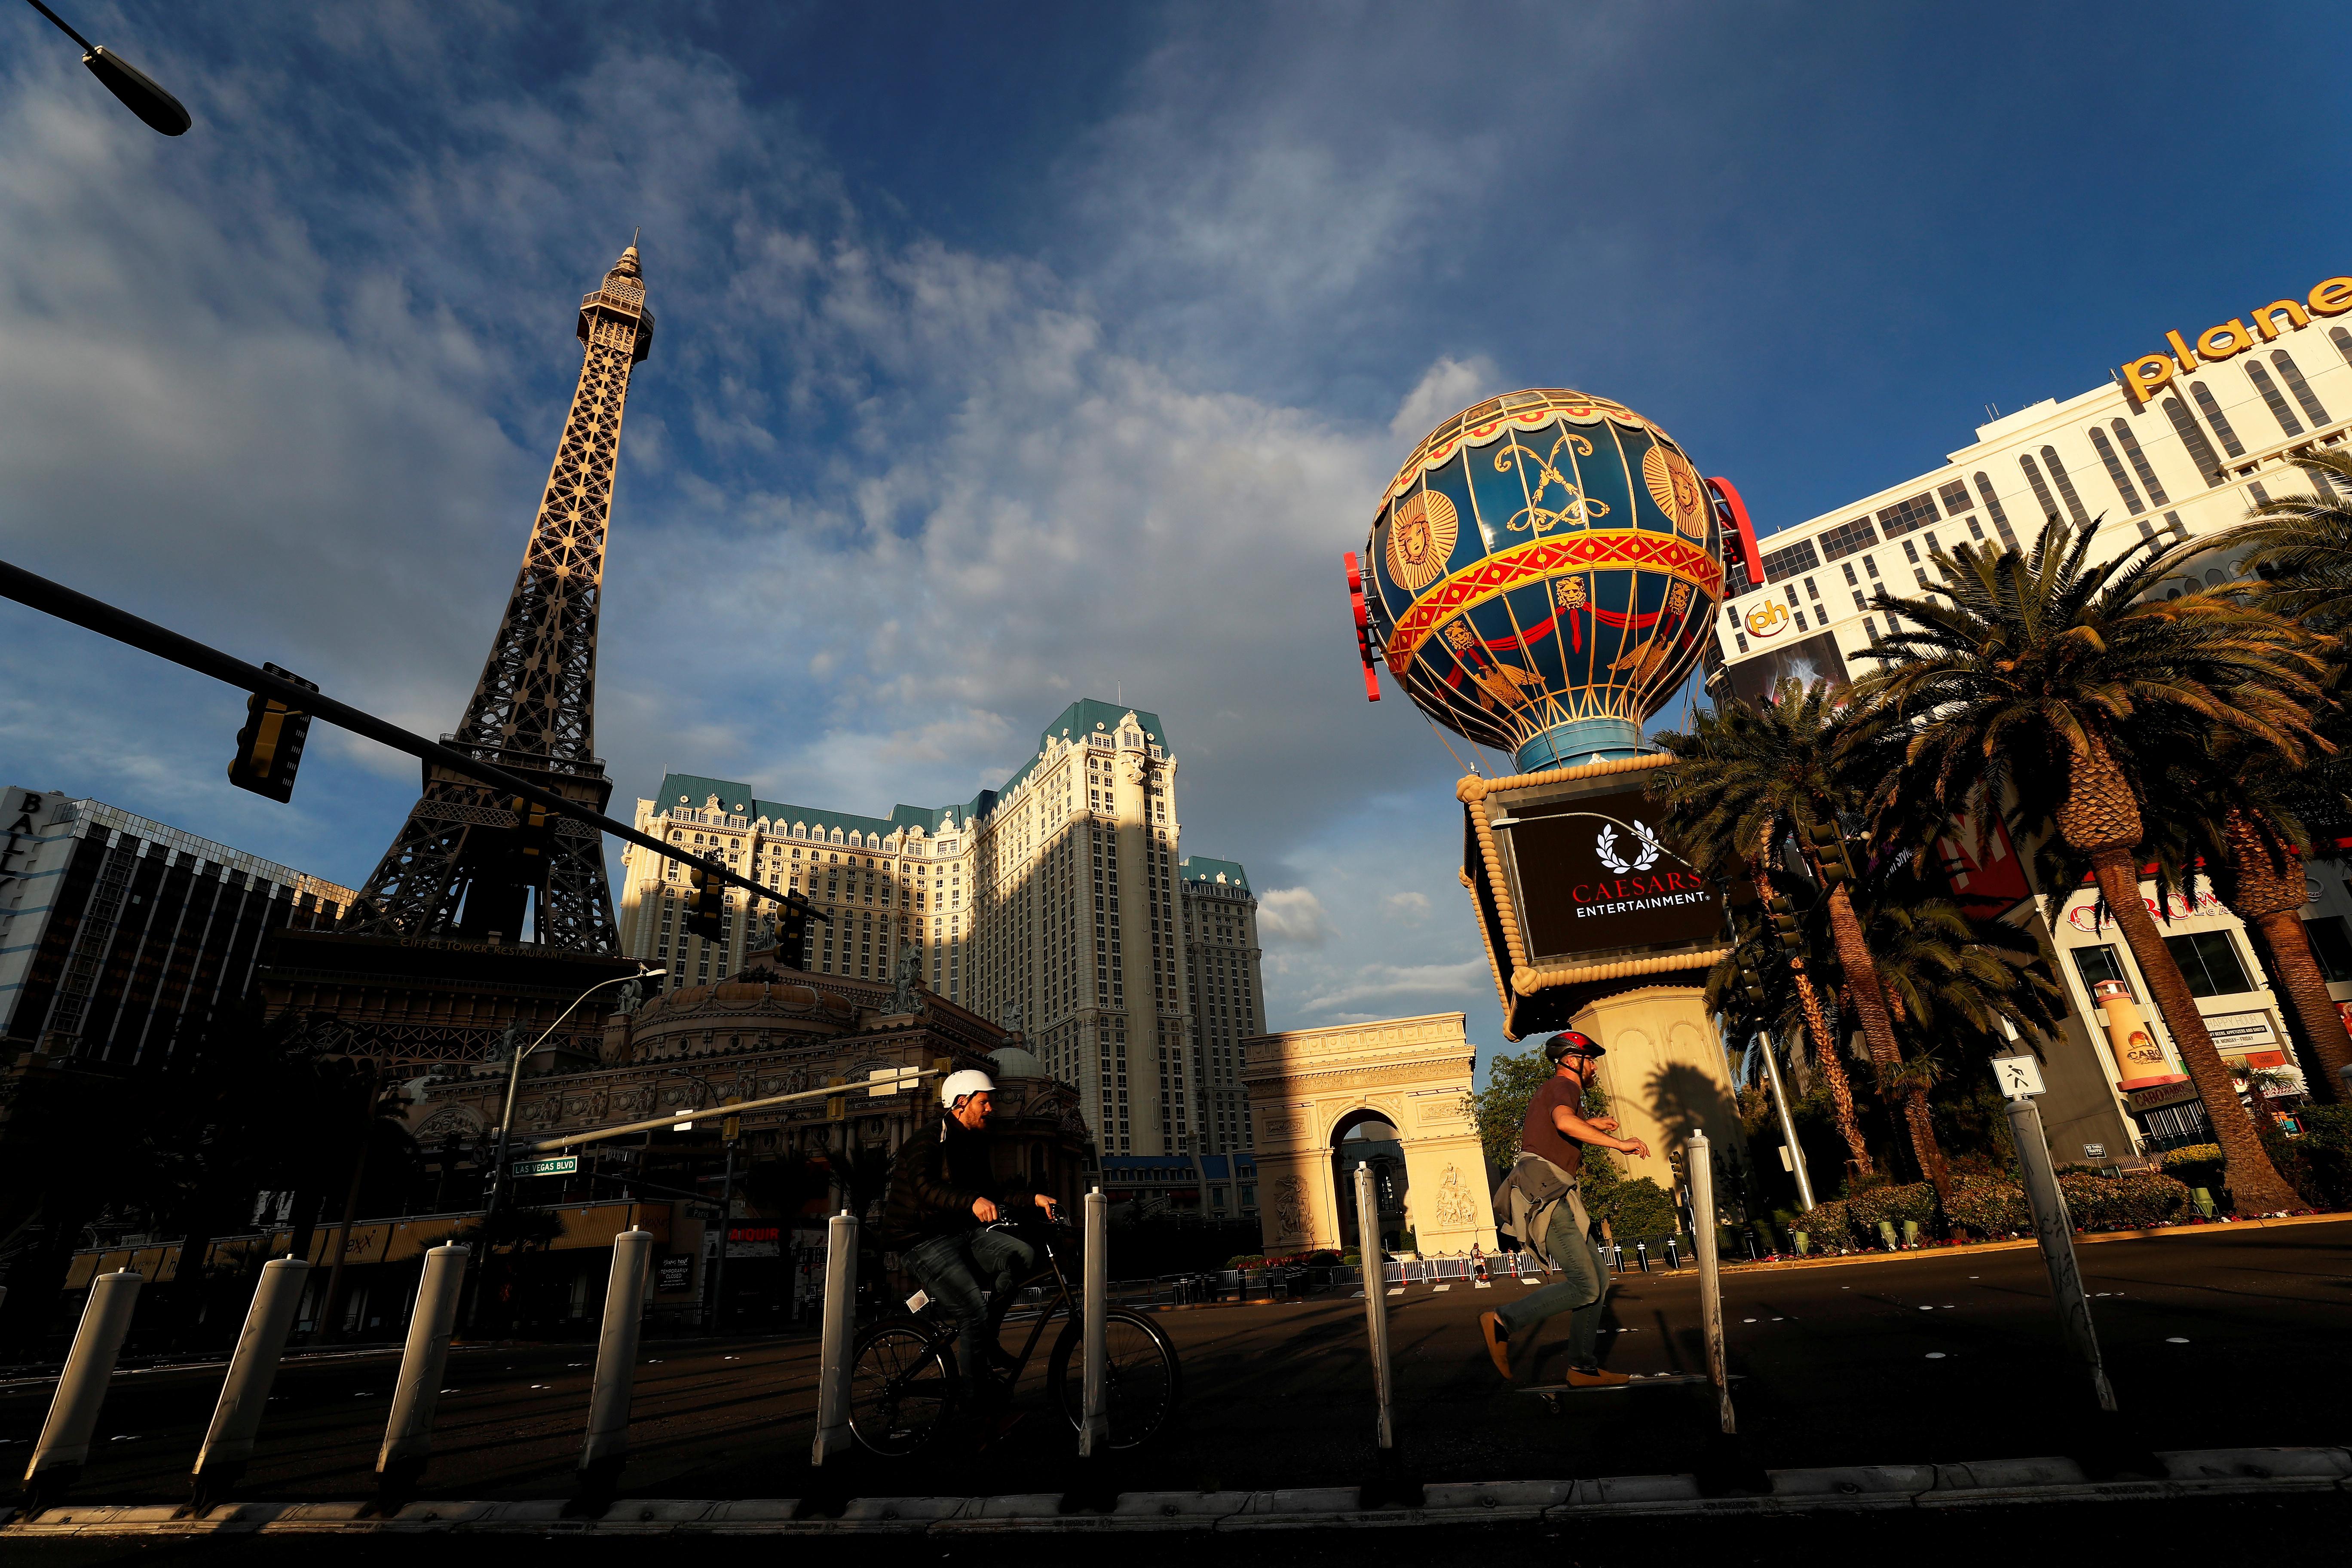 La ciudad de Las Vegas, habituada a las grandes multitudes, en una nueva normalidad (REUTERS/Shannon Stapleton/File Photo)